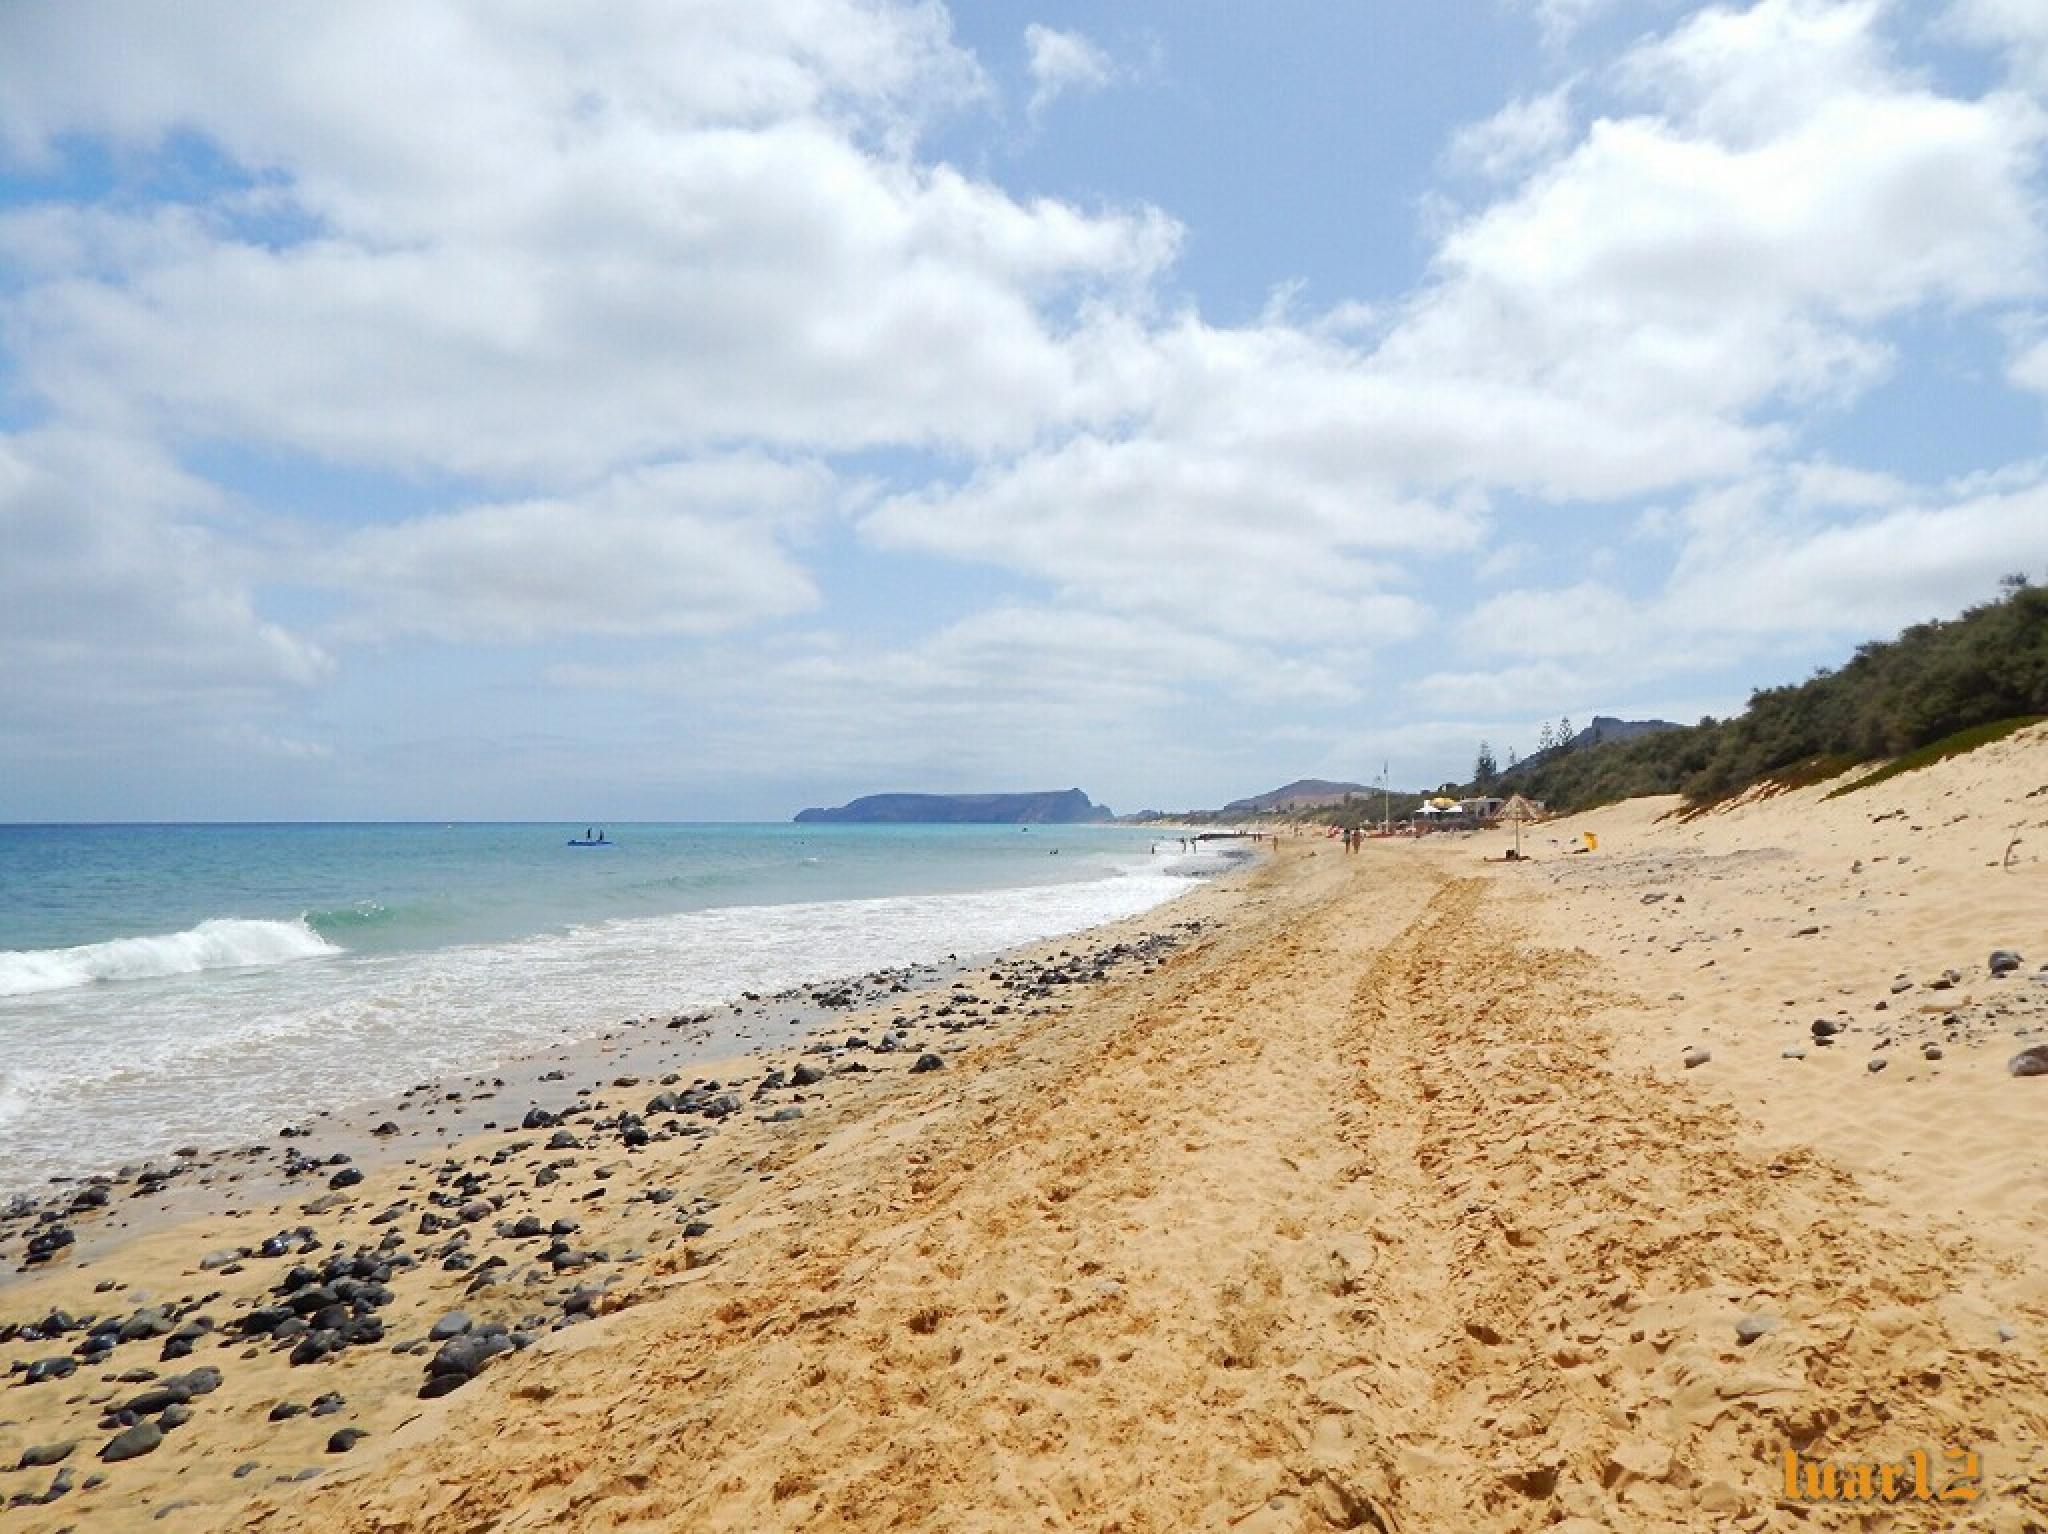 Bela praia by luar12